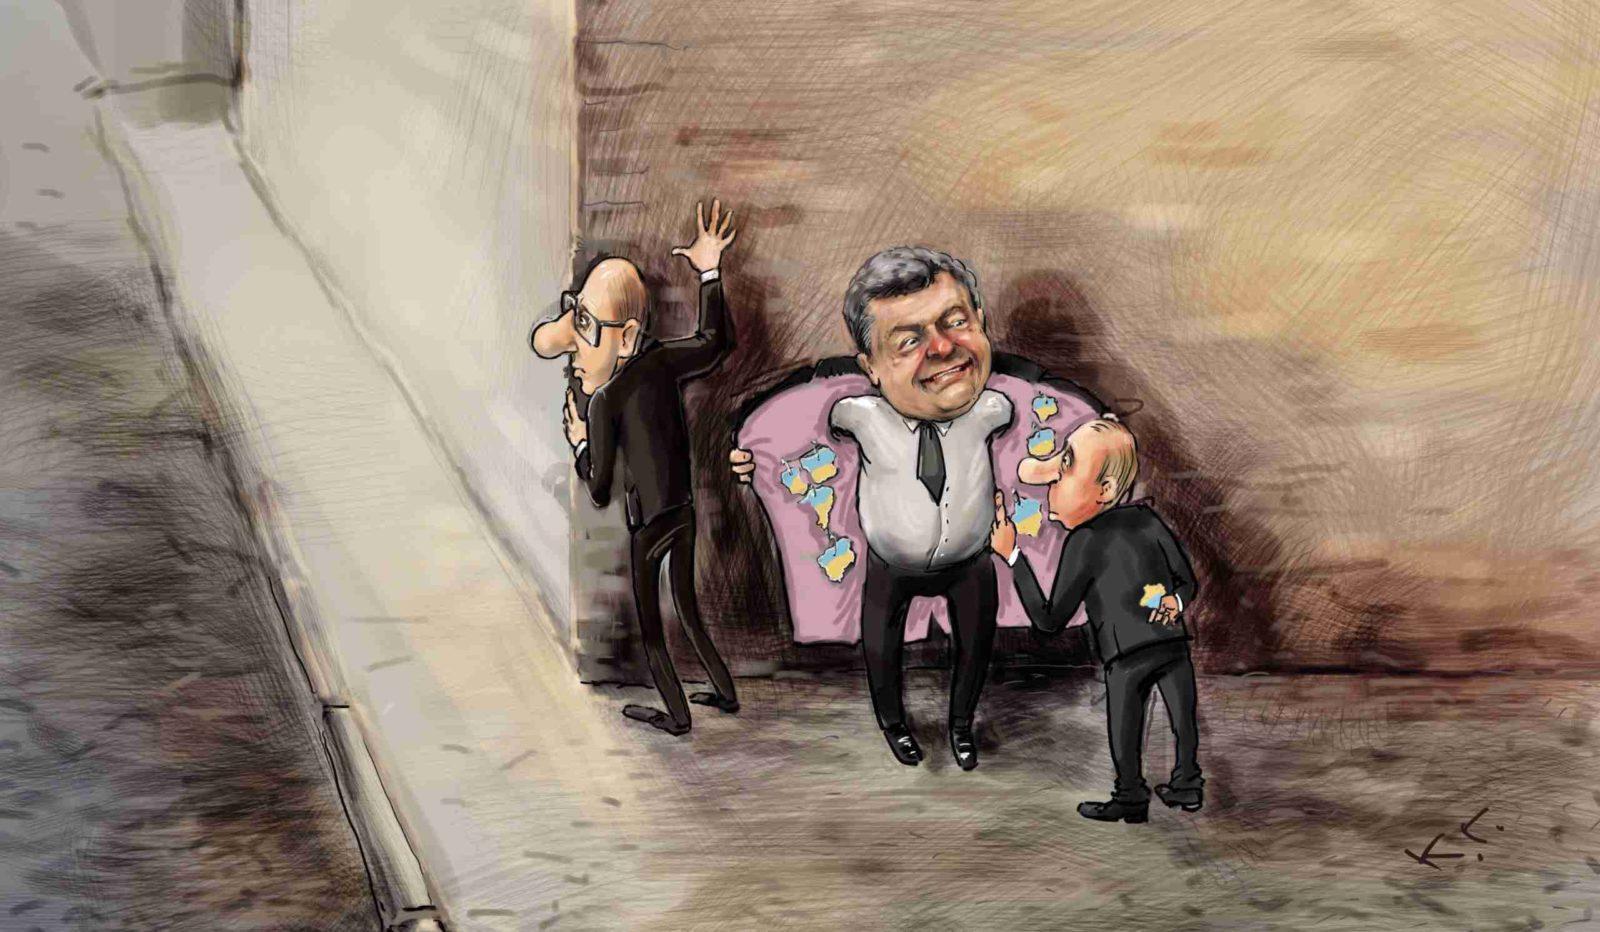 Россия добьется отмены международных санкций, если их не будет расширять Украина, - Бурбак - Цензор.НЕТ 2059